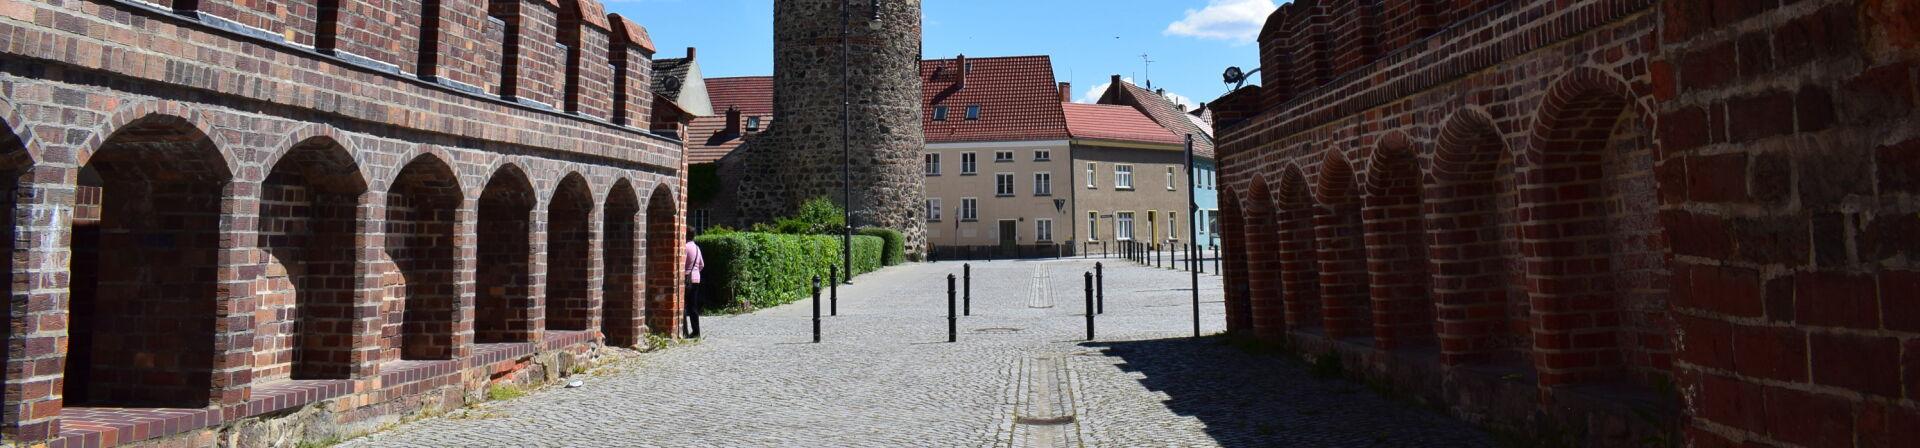 Durchs Dammtor in die Altstadt